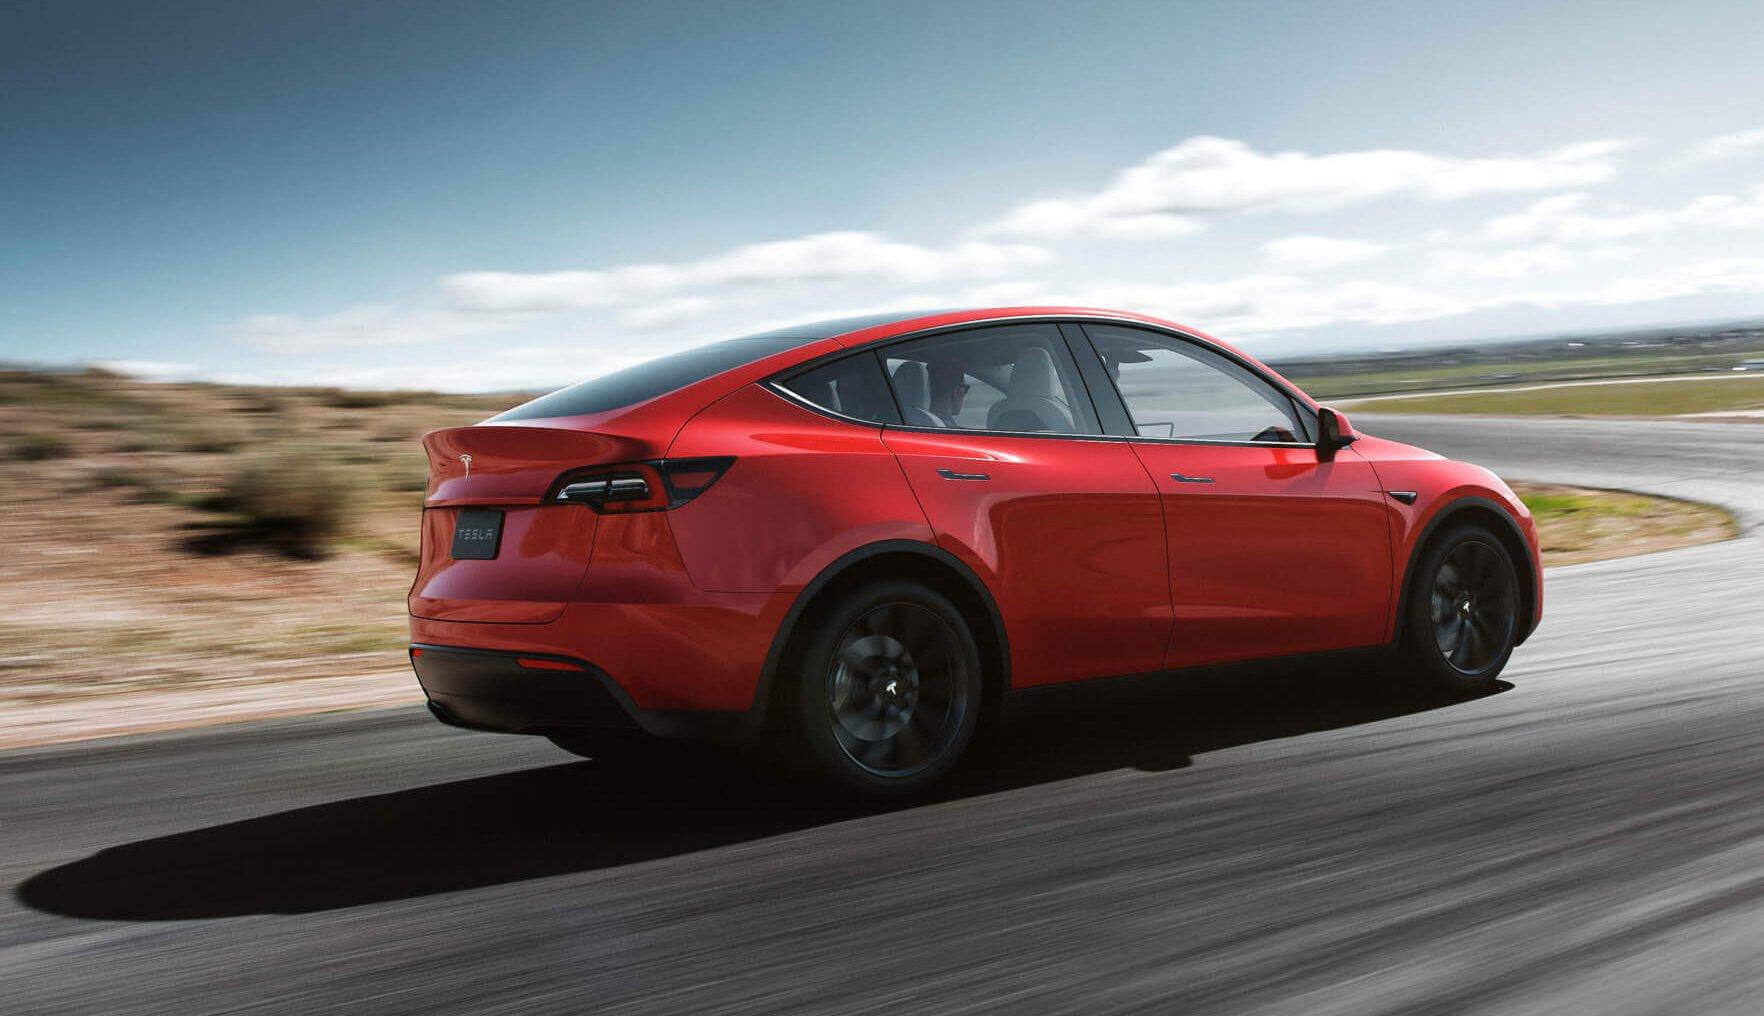 Teslanın Kompakt SUV Aracı